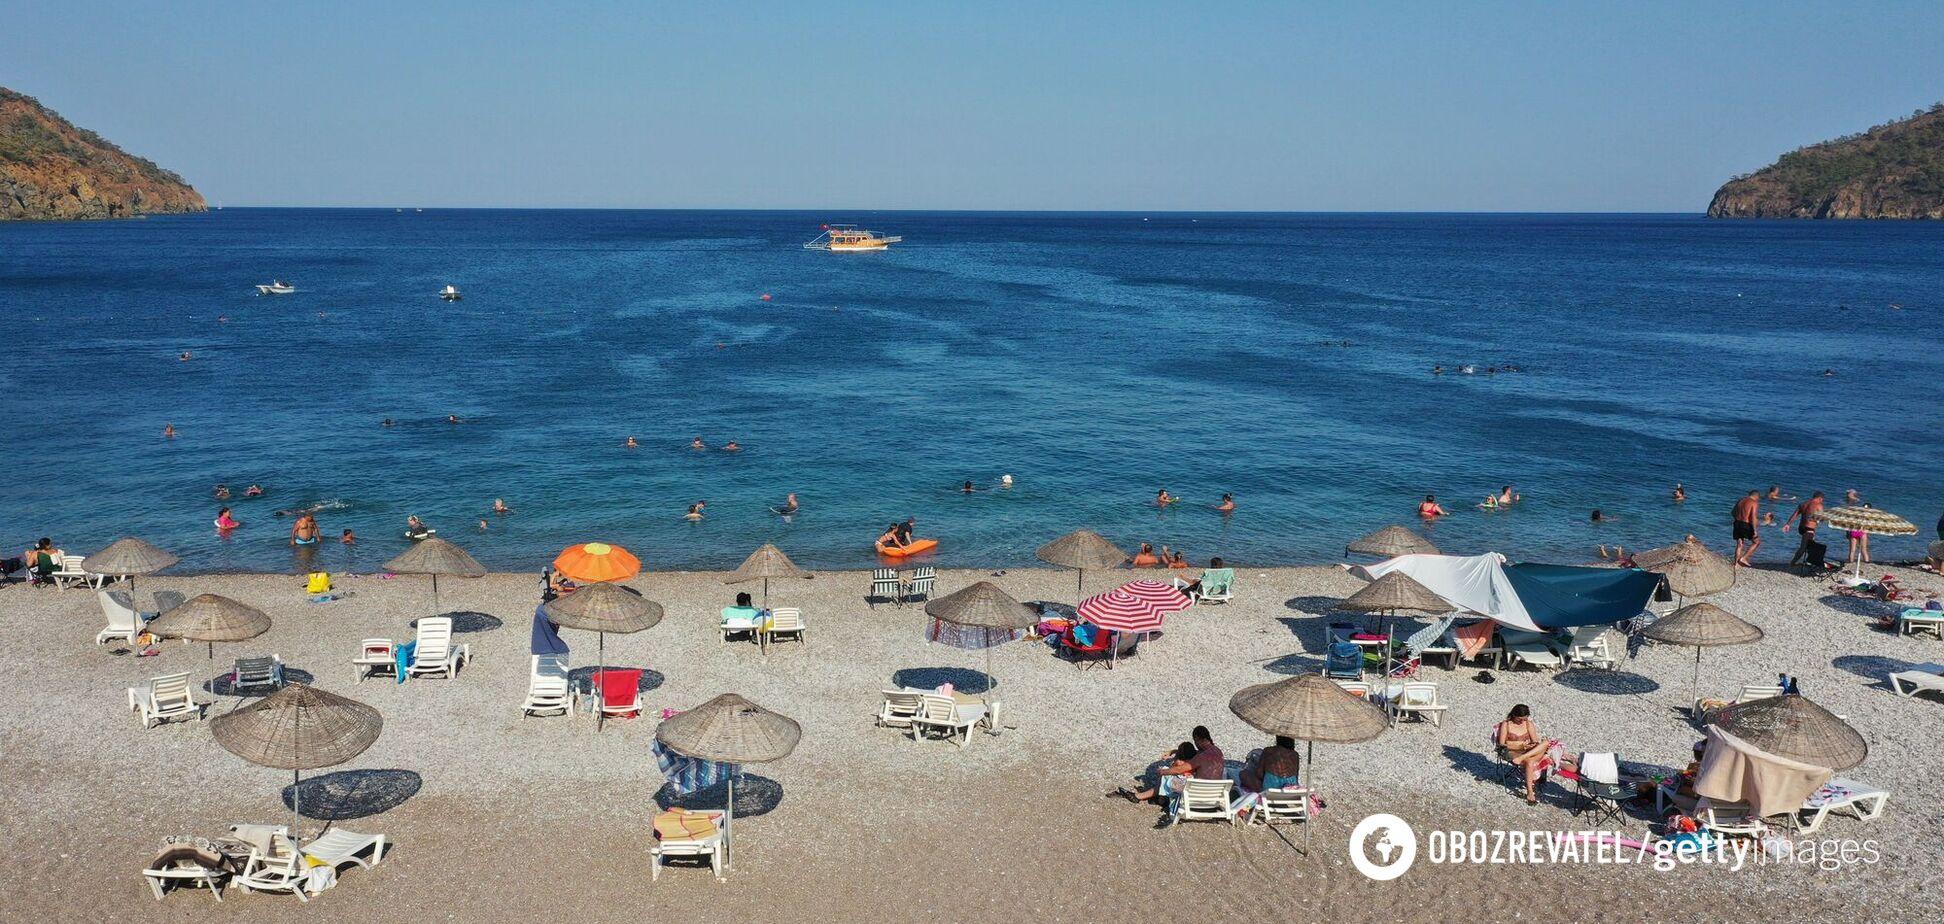 Погода в Туреччині та Єгипті: де краще відпочити в жовтні 2020 року